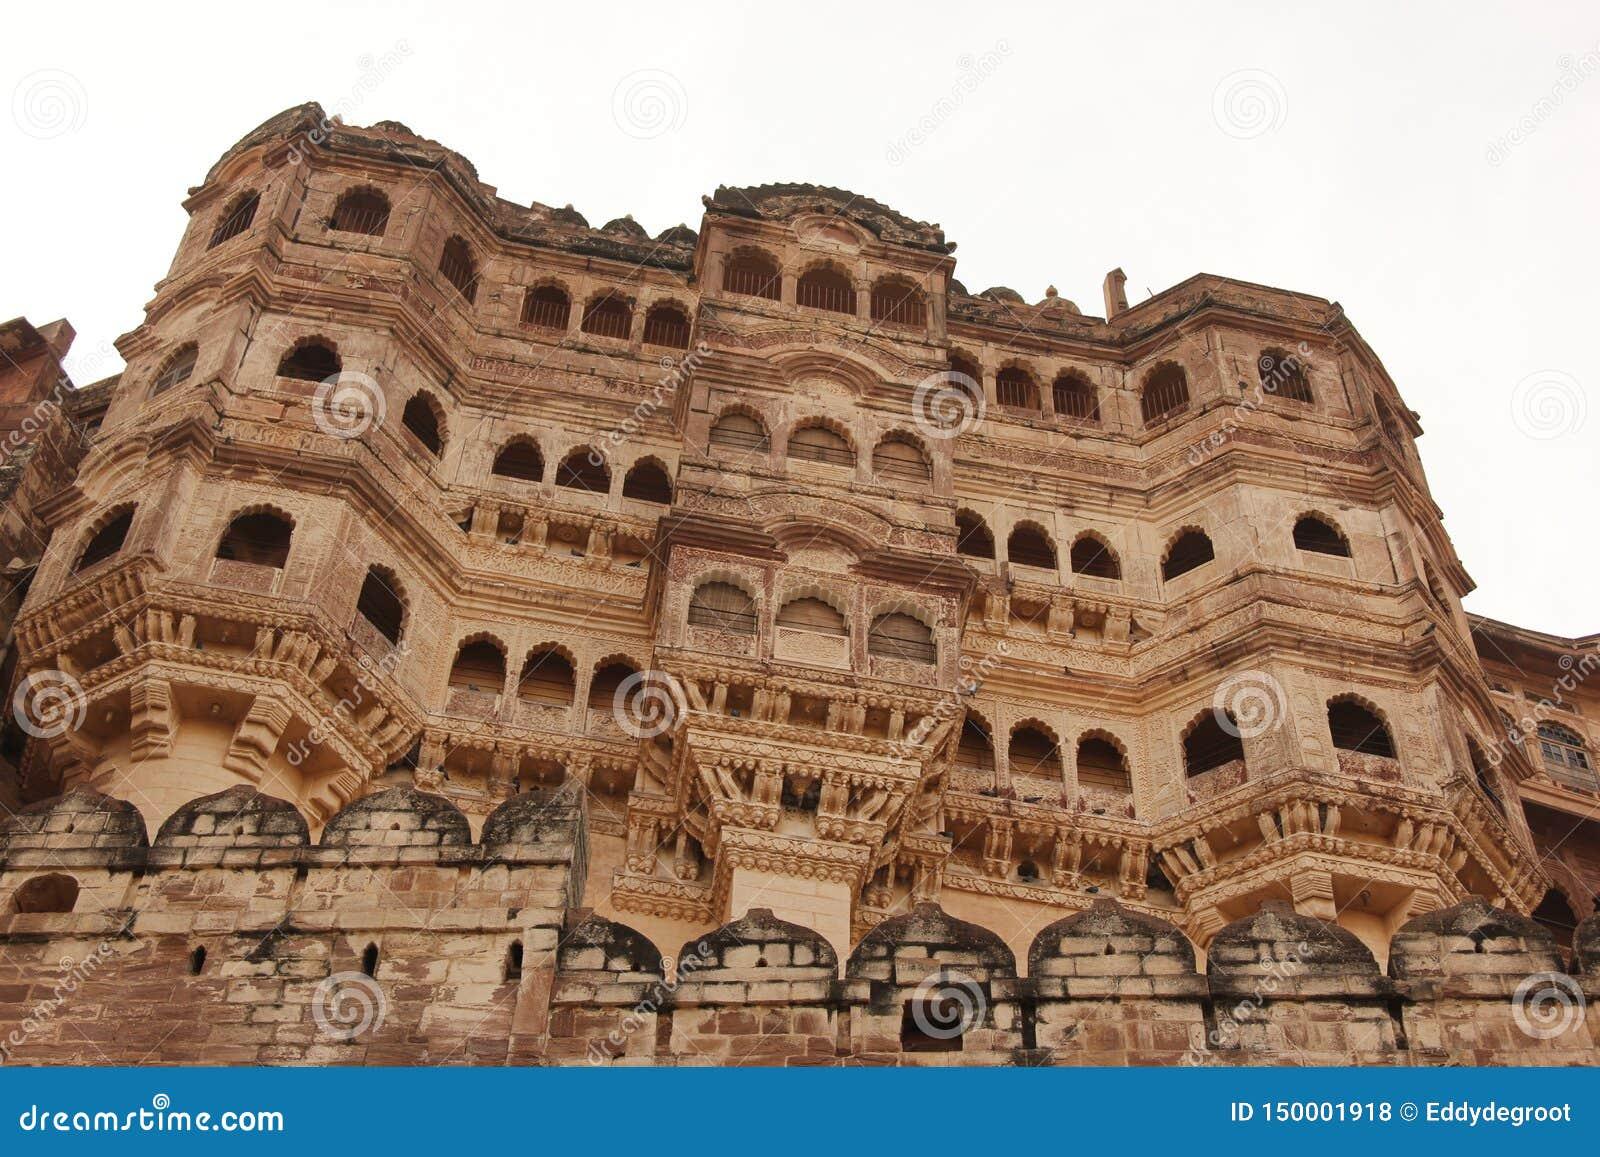 Το οχυρό Mehrangarh του Jodhpur